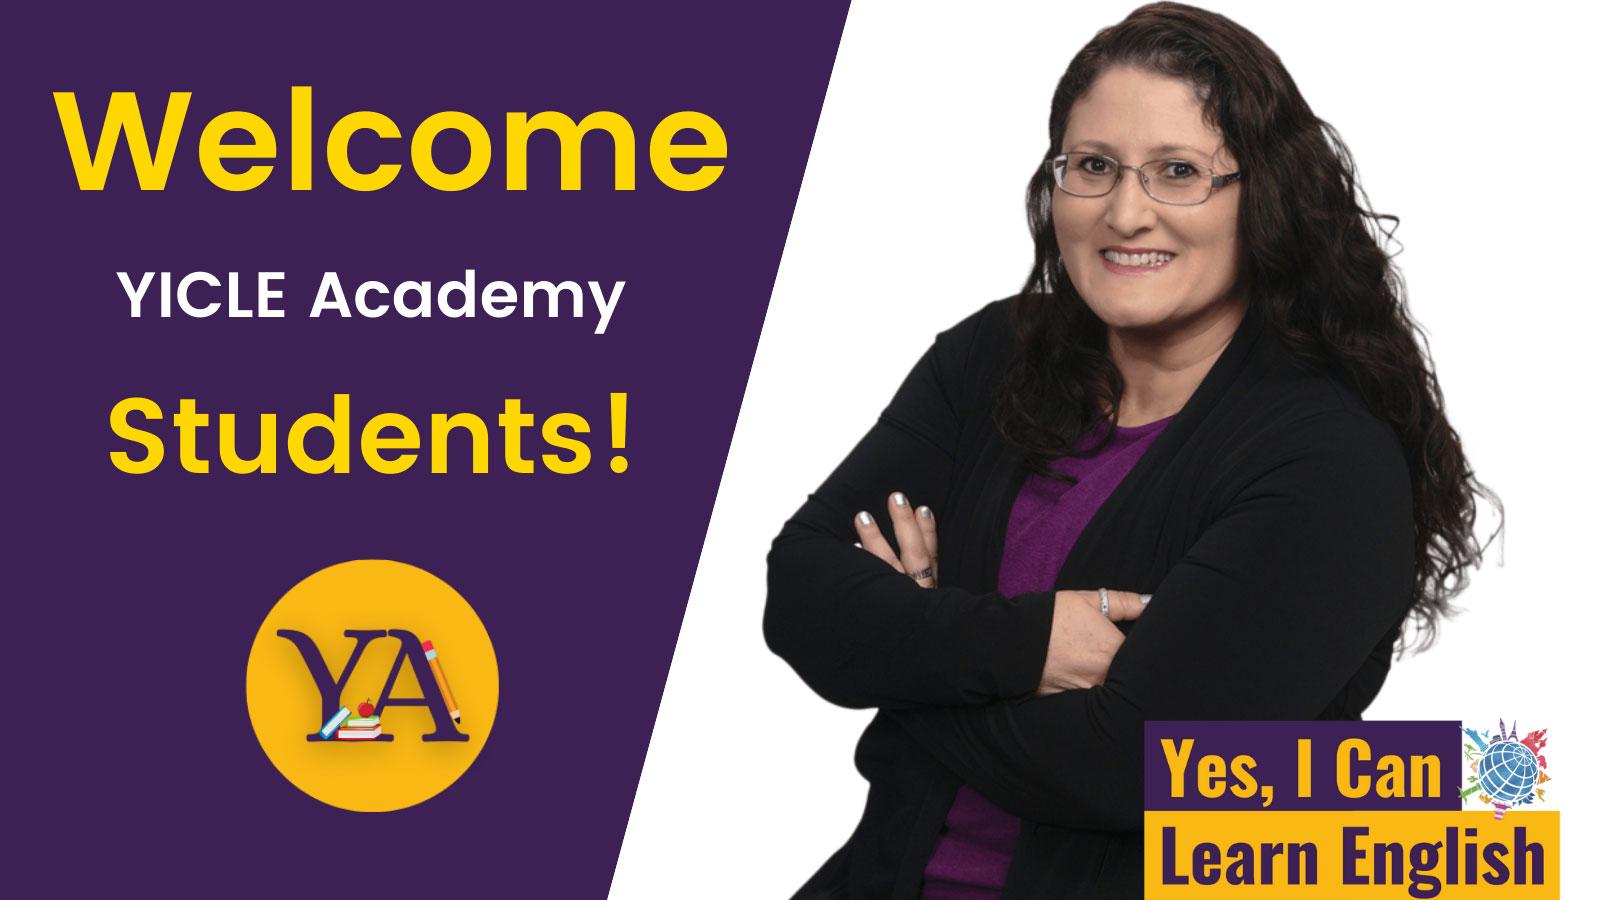 YICLE-Academy-Helpful-Links